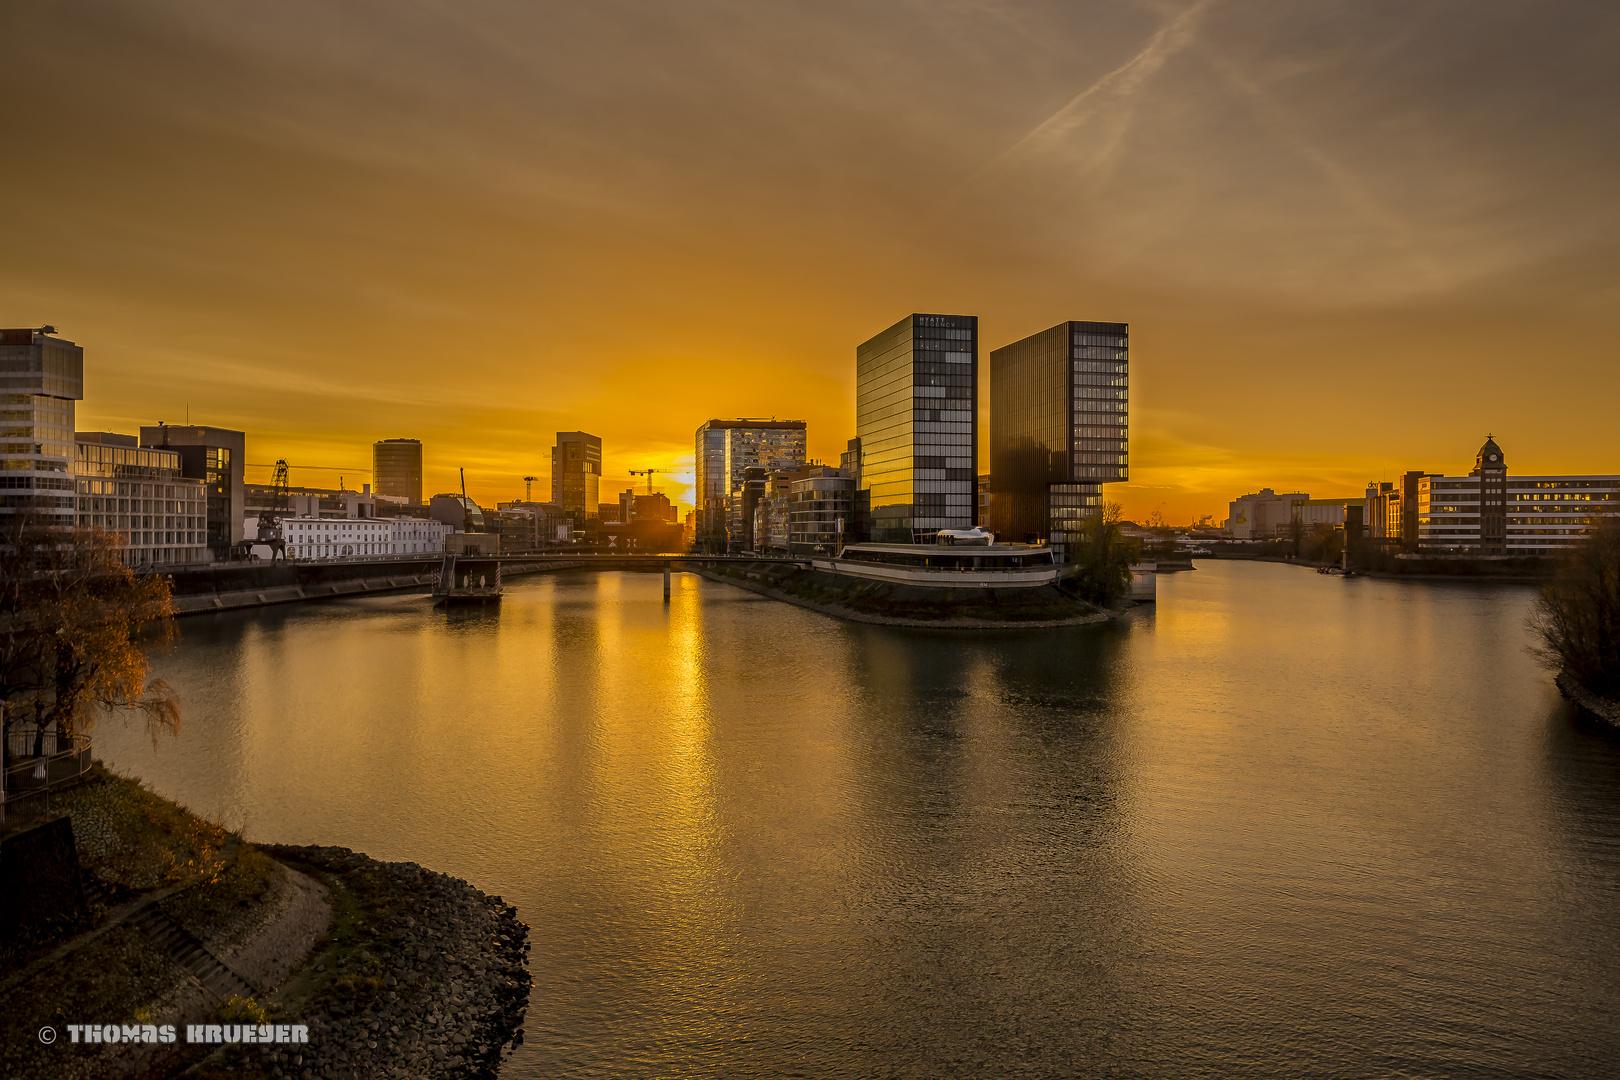 Licht Düsseldorf goldenes licht im medienhafen düsseldorf foto bild architektur